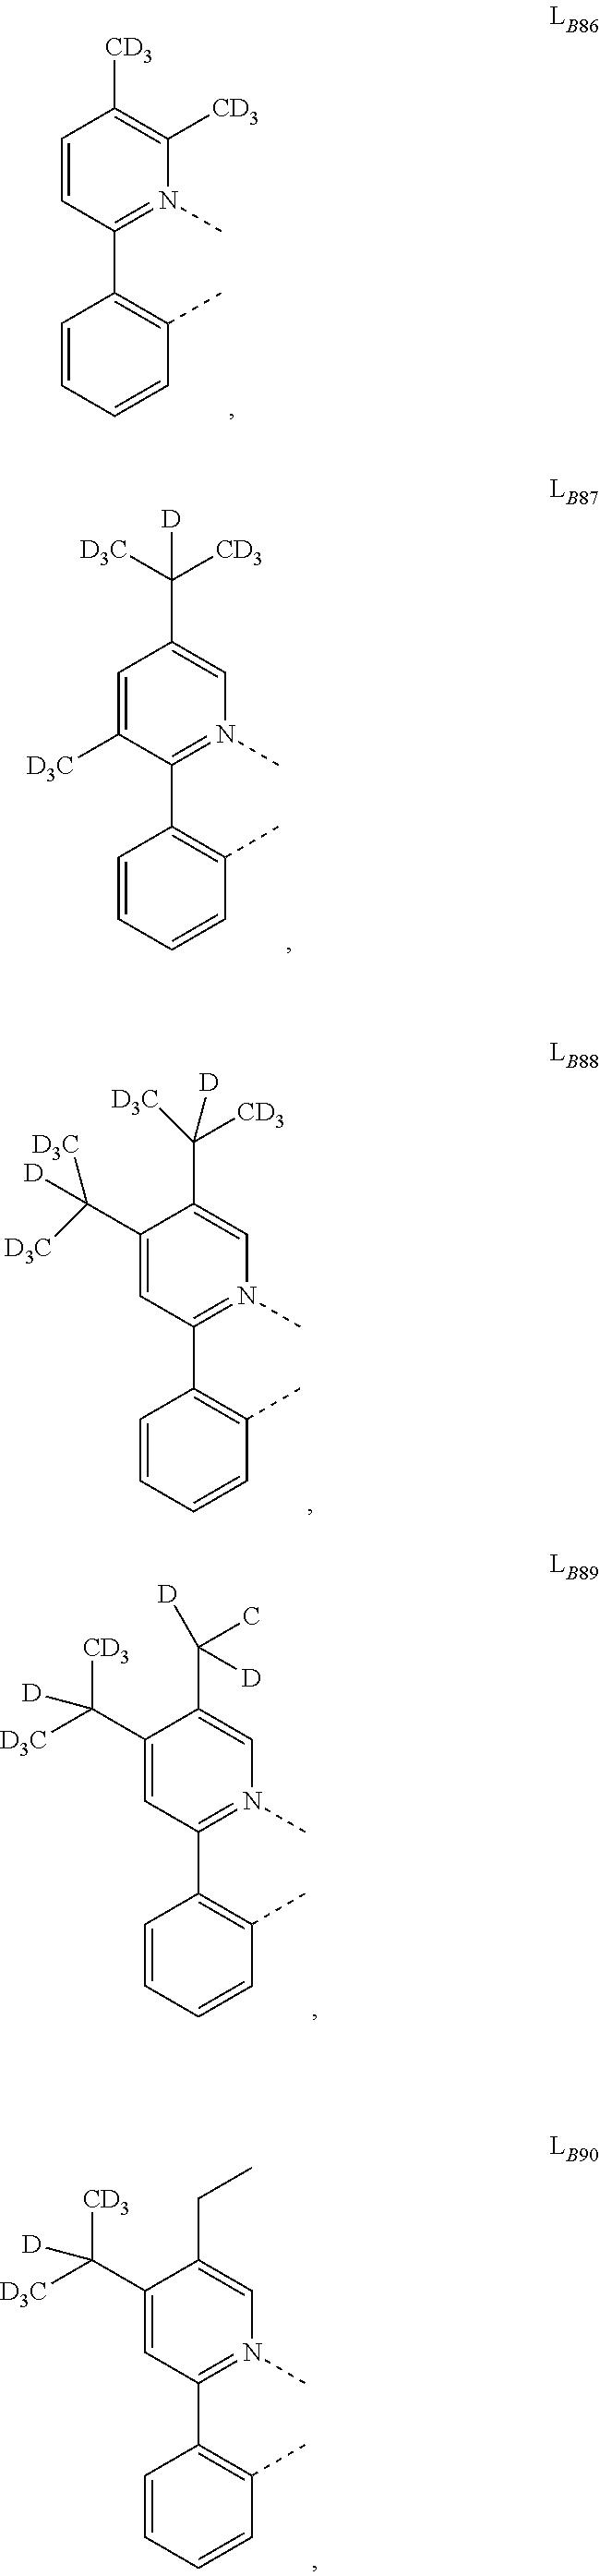 Figure US20160049599A1-20160218-C00514